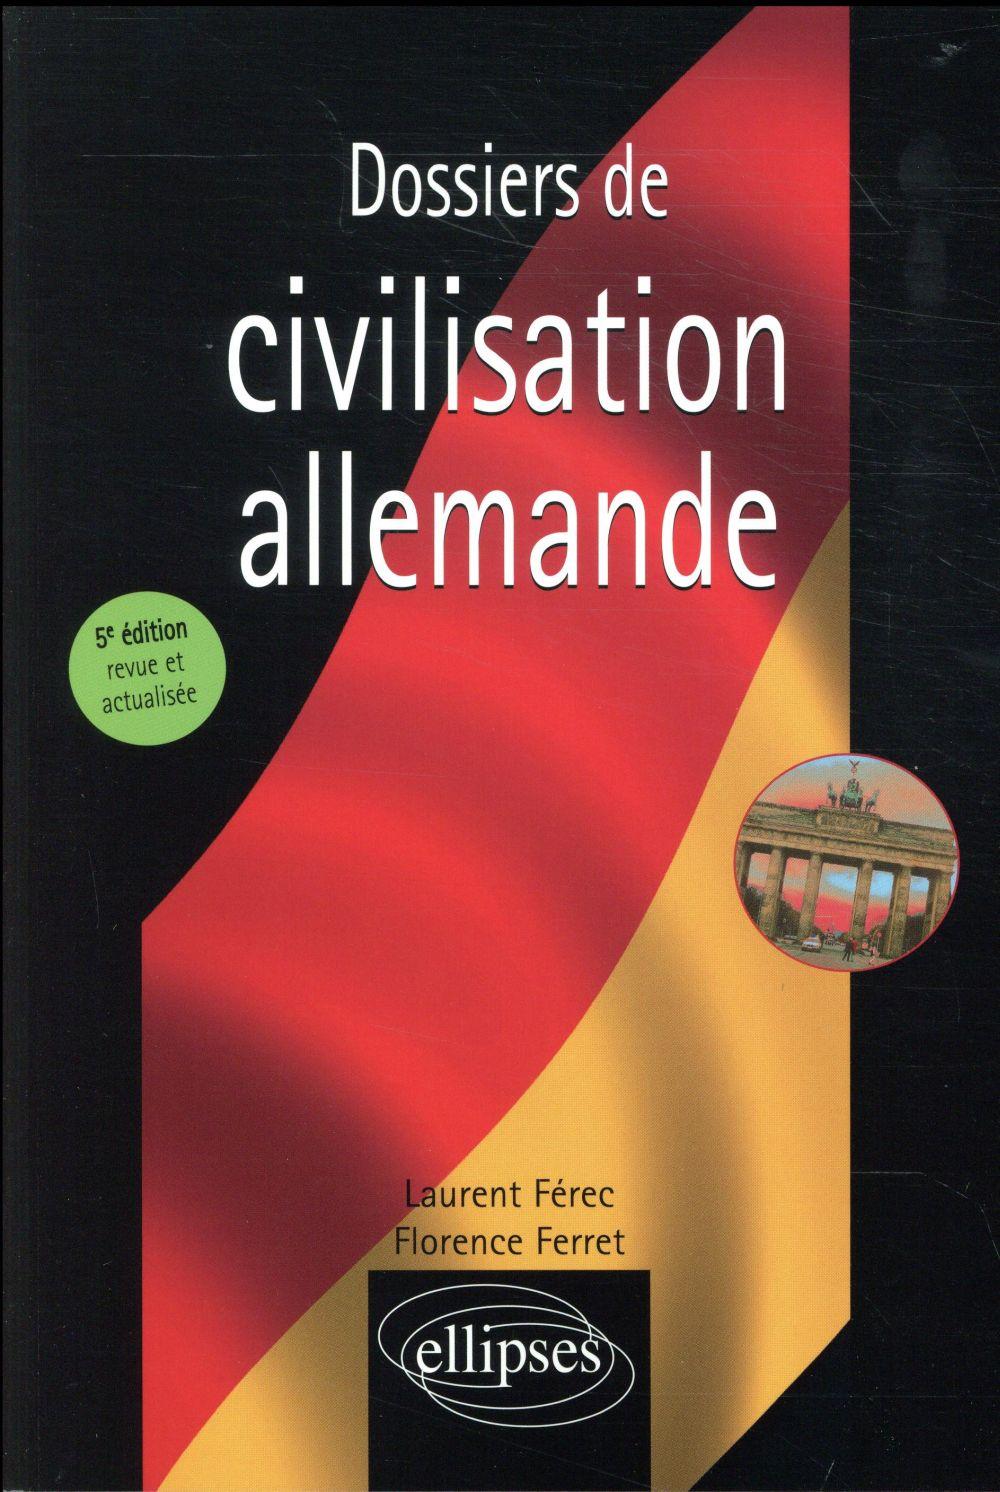 DOSSIERS DE CIVILISATION ALLEMANDE 5EME EDITION REVUE ET ACTUALISEE